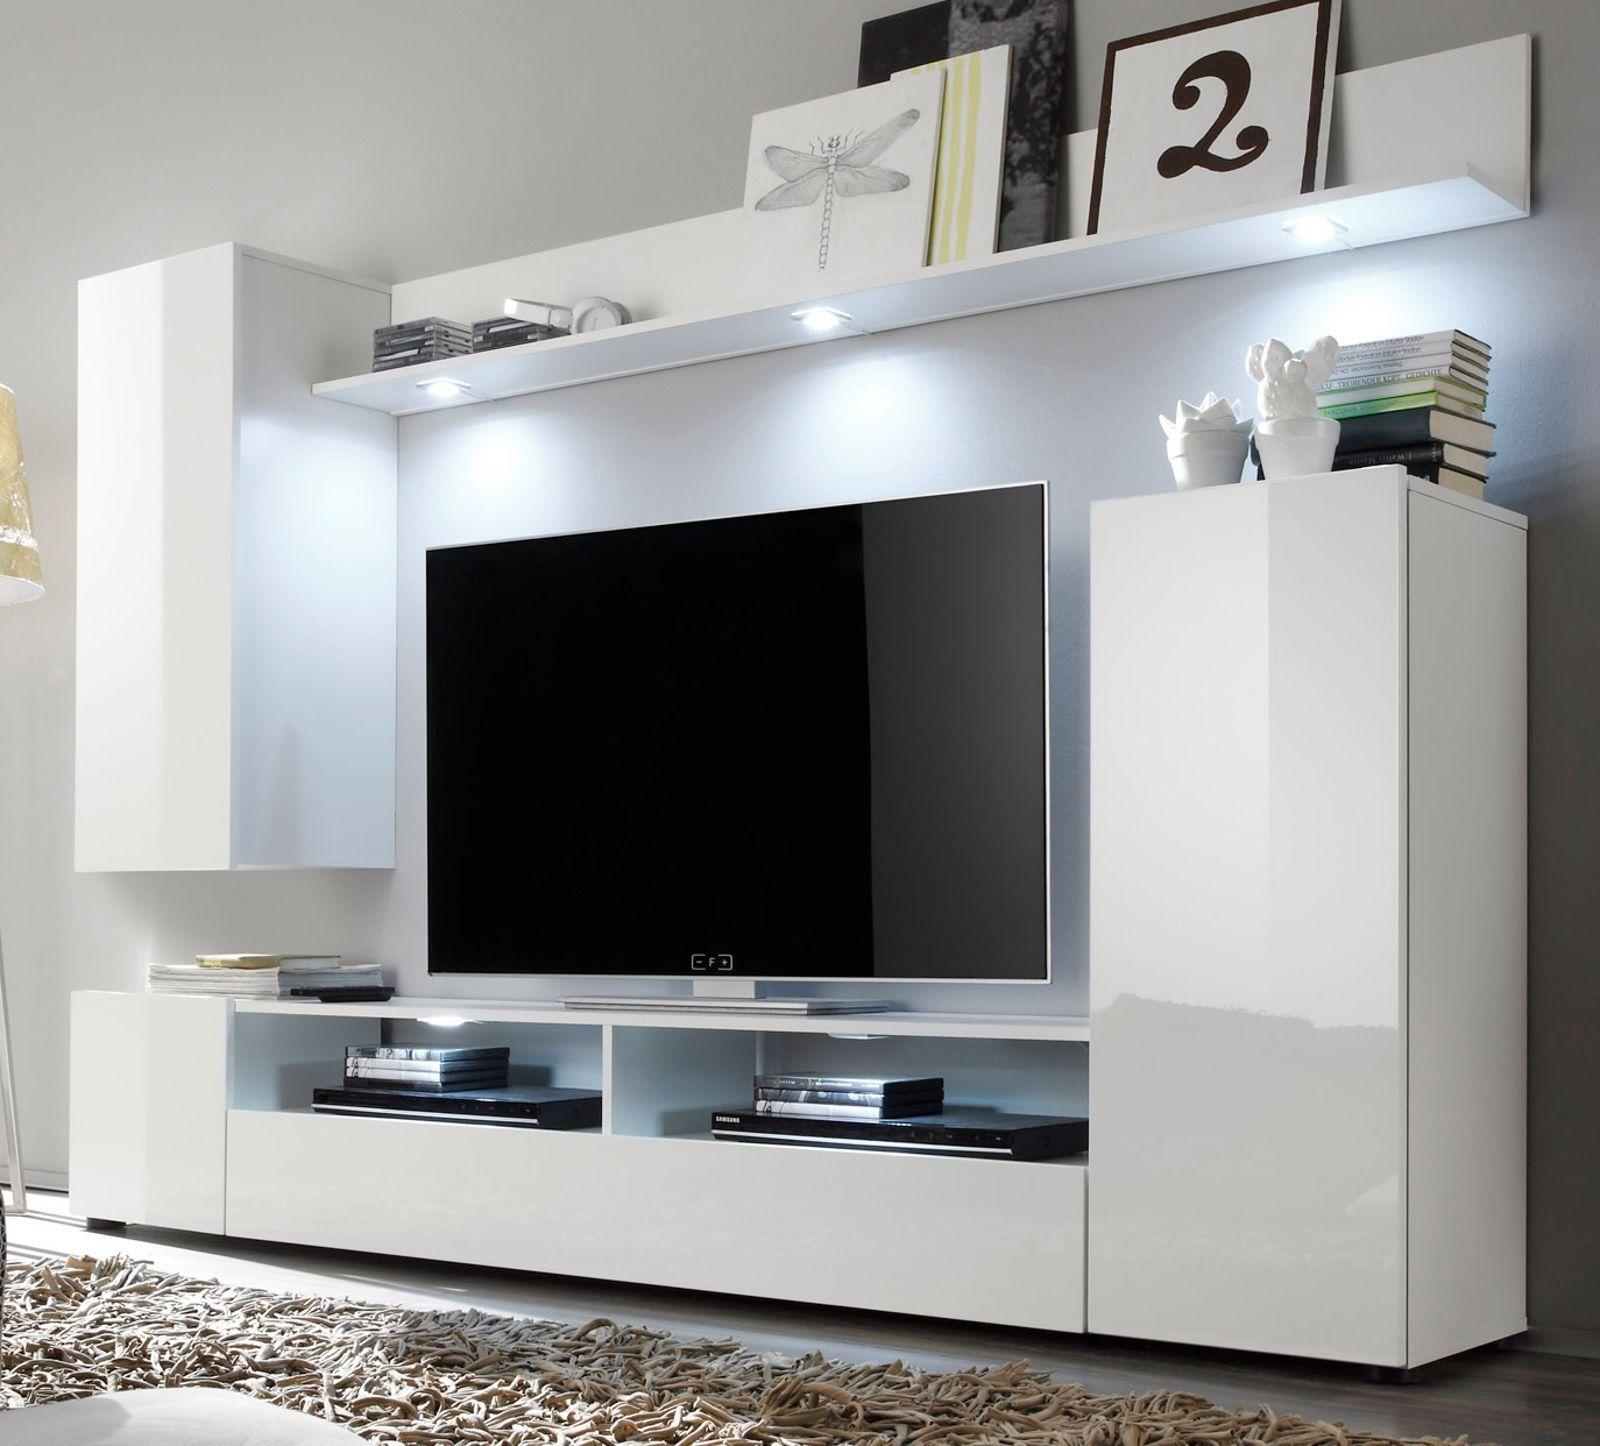 wohnwand weiß hochglanz fernsehschrank wohnzimmer tv/hifi möbel